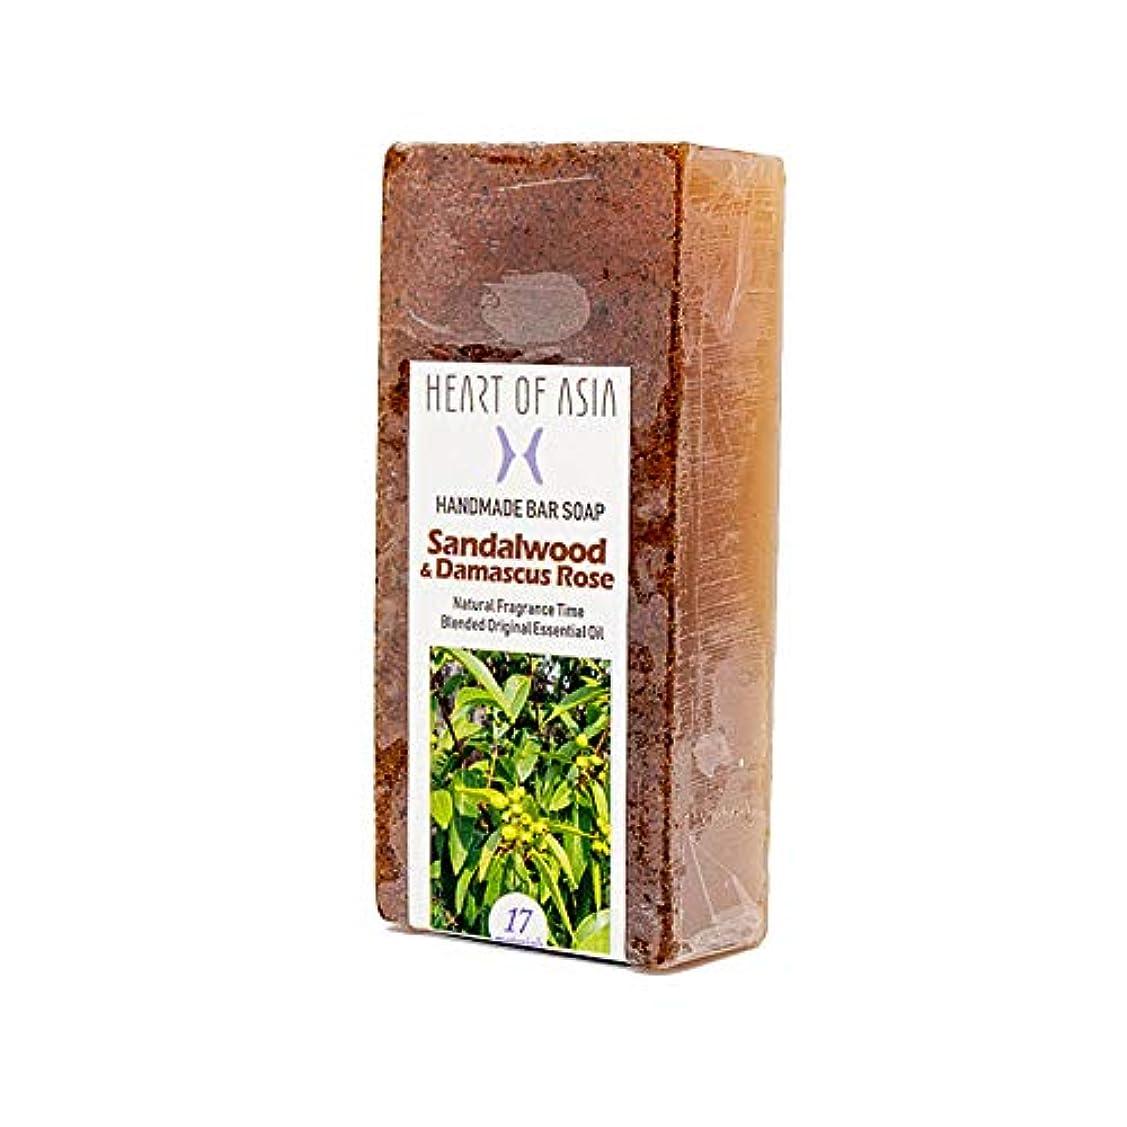 制裁意識的結び目香水のようなフレグランス石けん HANDMADE BAR SOAP ~Sandalwood&Damascus Rose~ (単品)